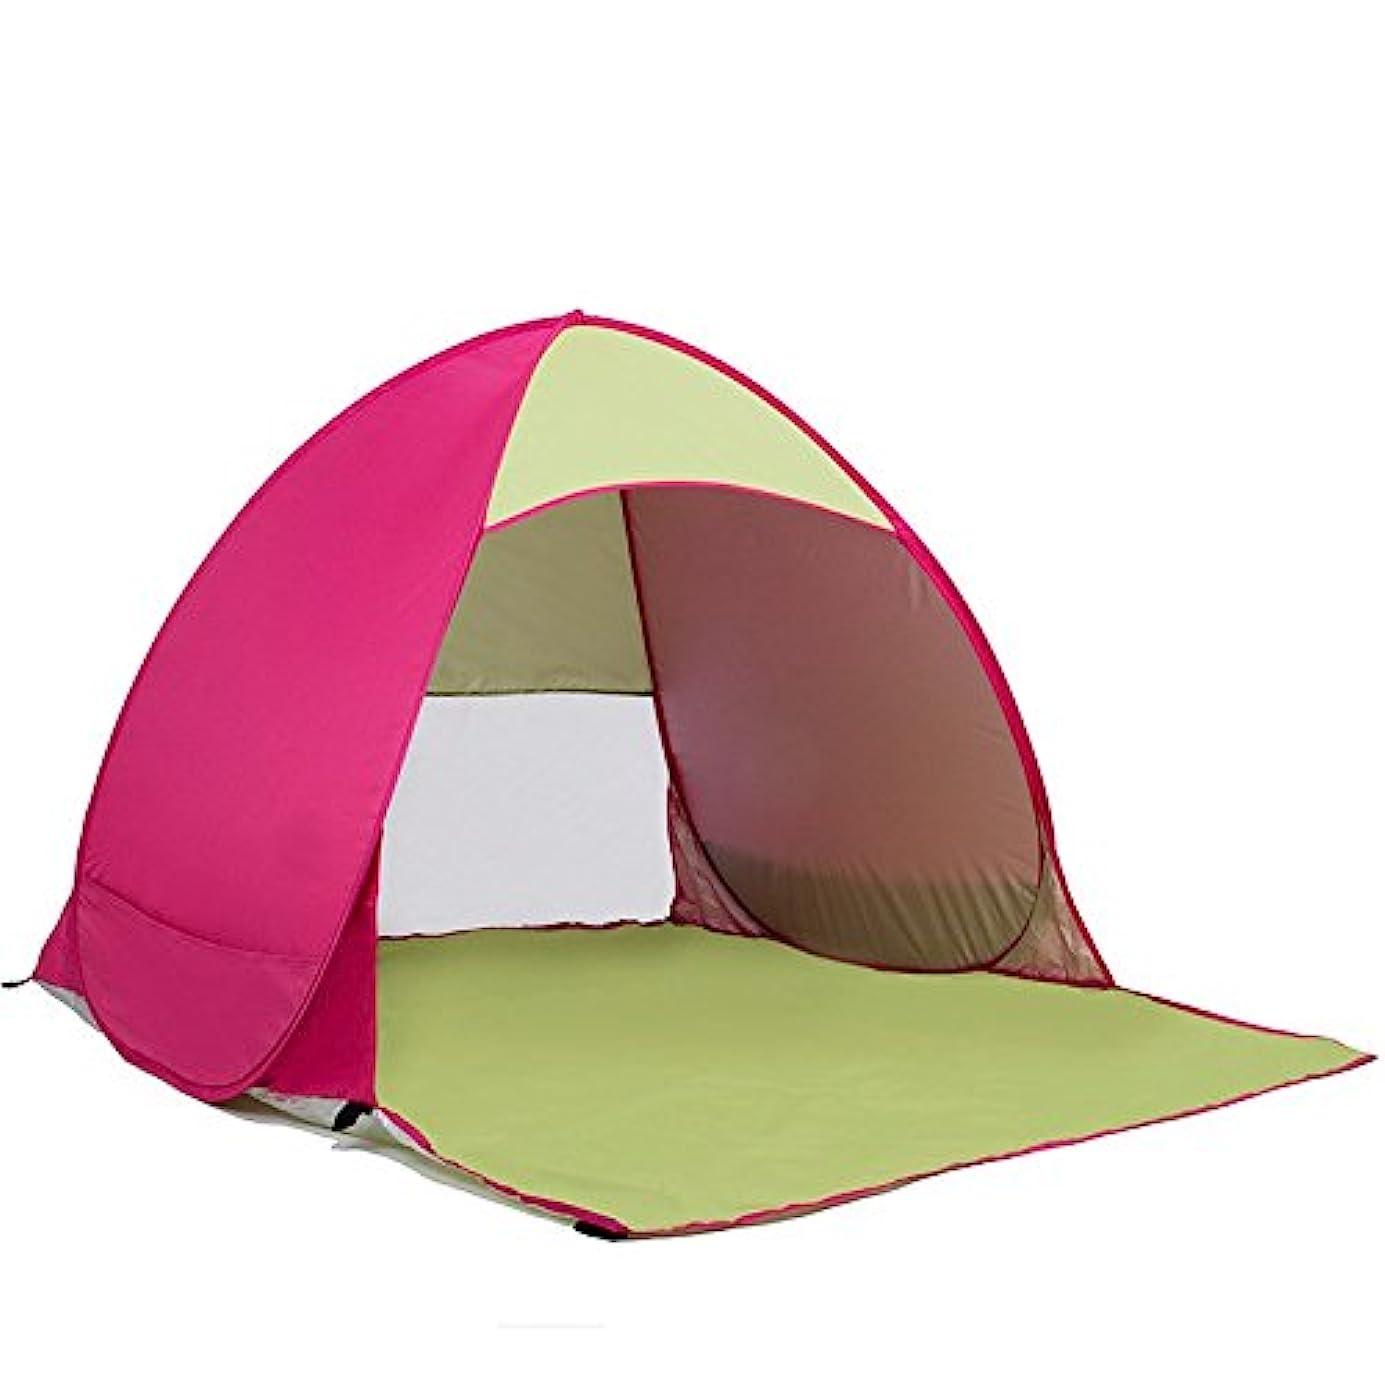 足首バブル偶然ビーチテント、アウトドア自動テント野生釣りテント防水UVプロテクションテント (Color : 1)